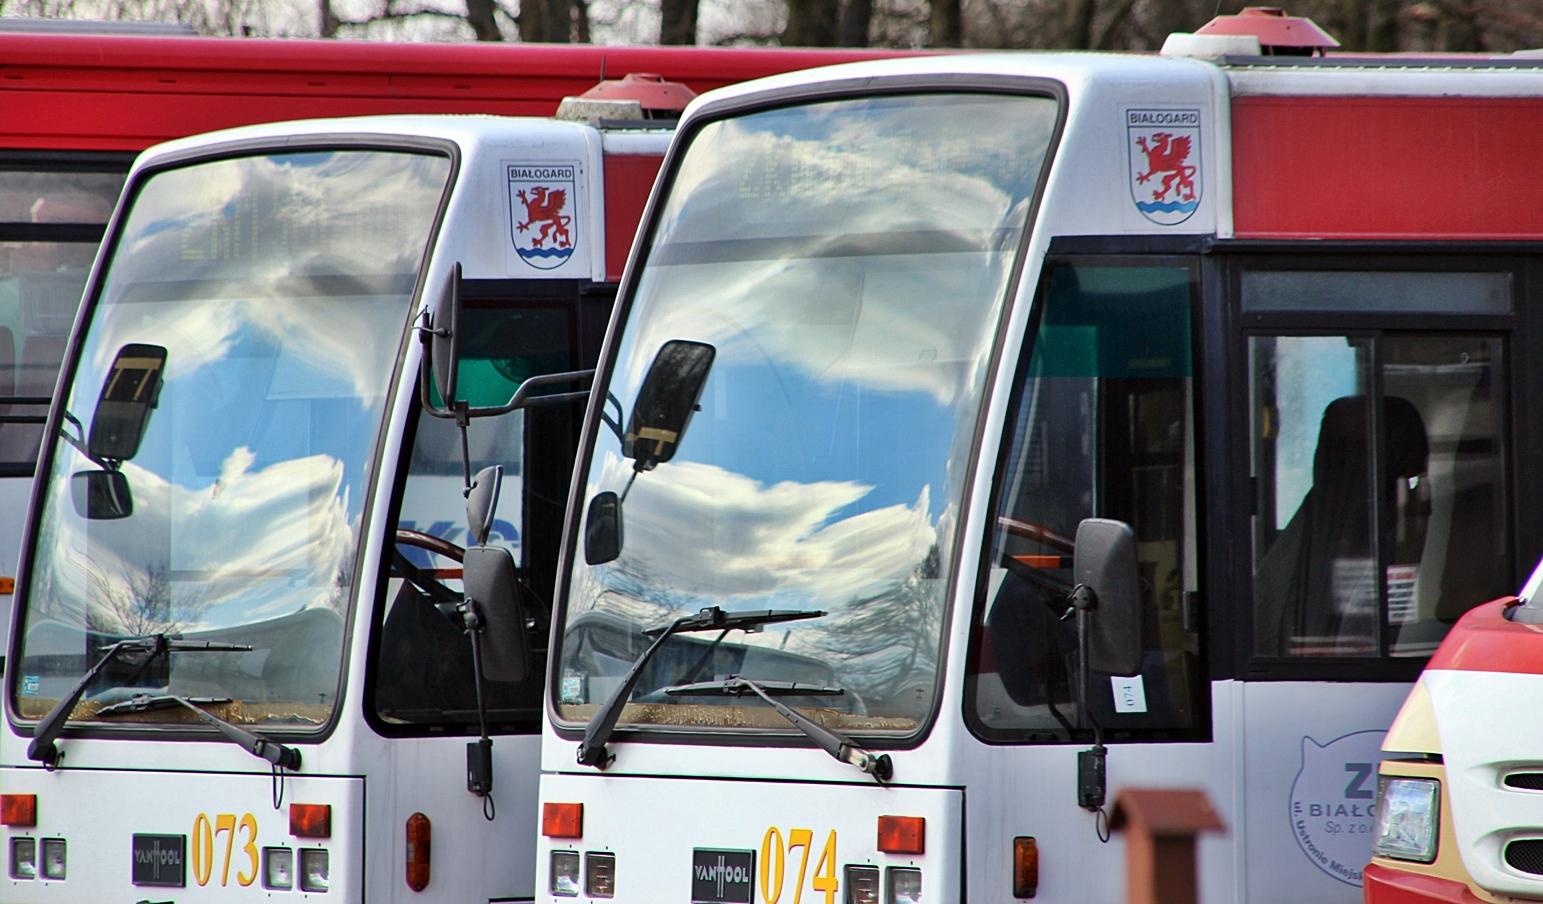 Nowe autobusy. Kurs na Białogard, Miasto Białogard